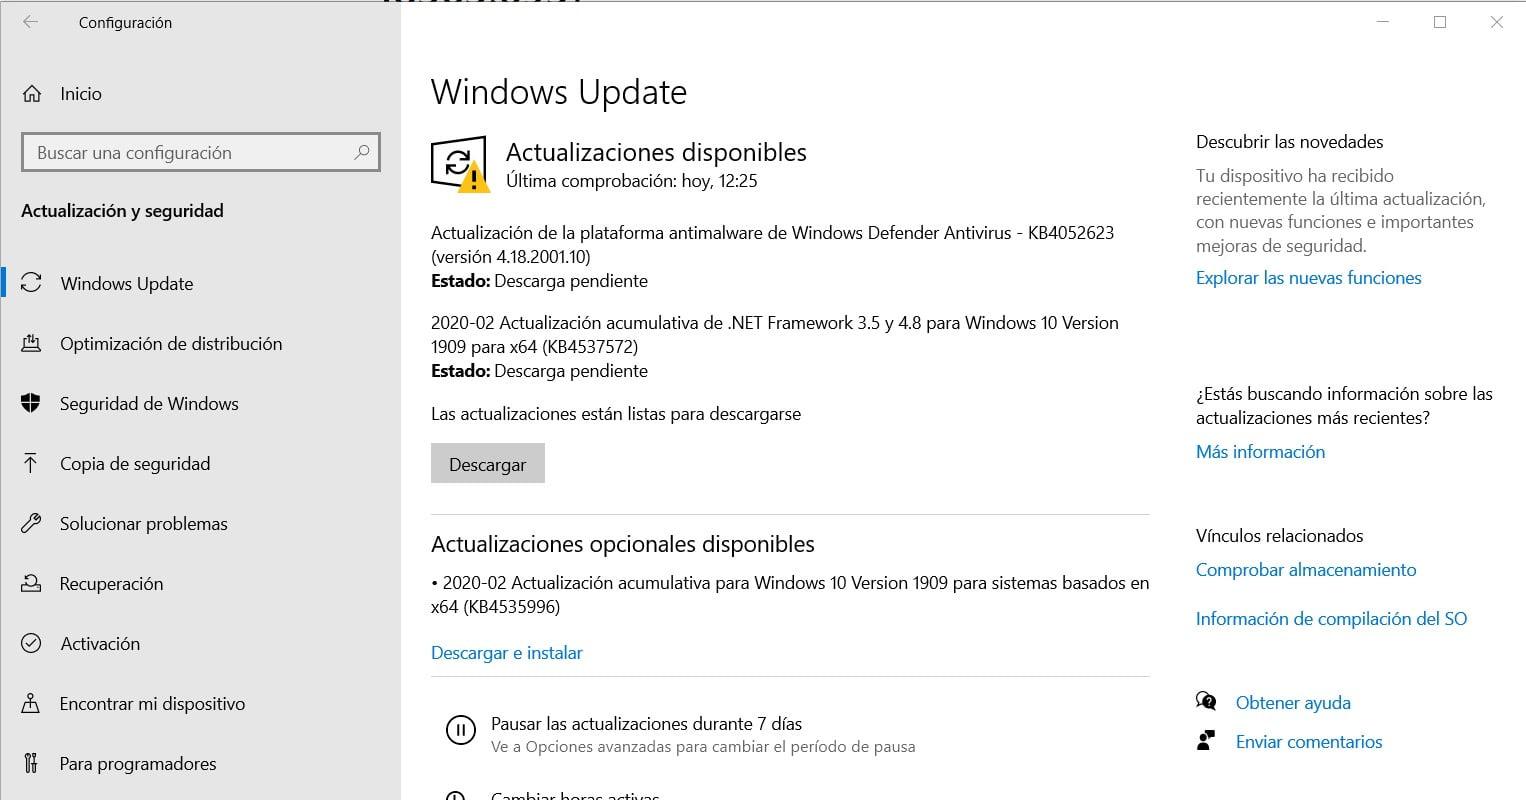 Actualización acumulativa KB4535996 disponible como actualización opcional